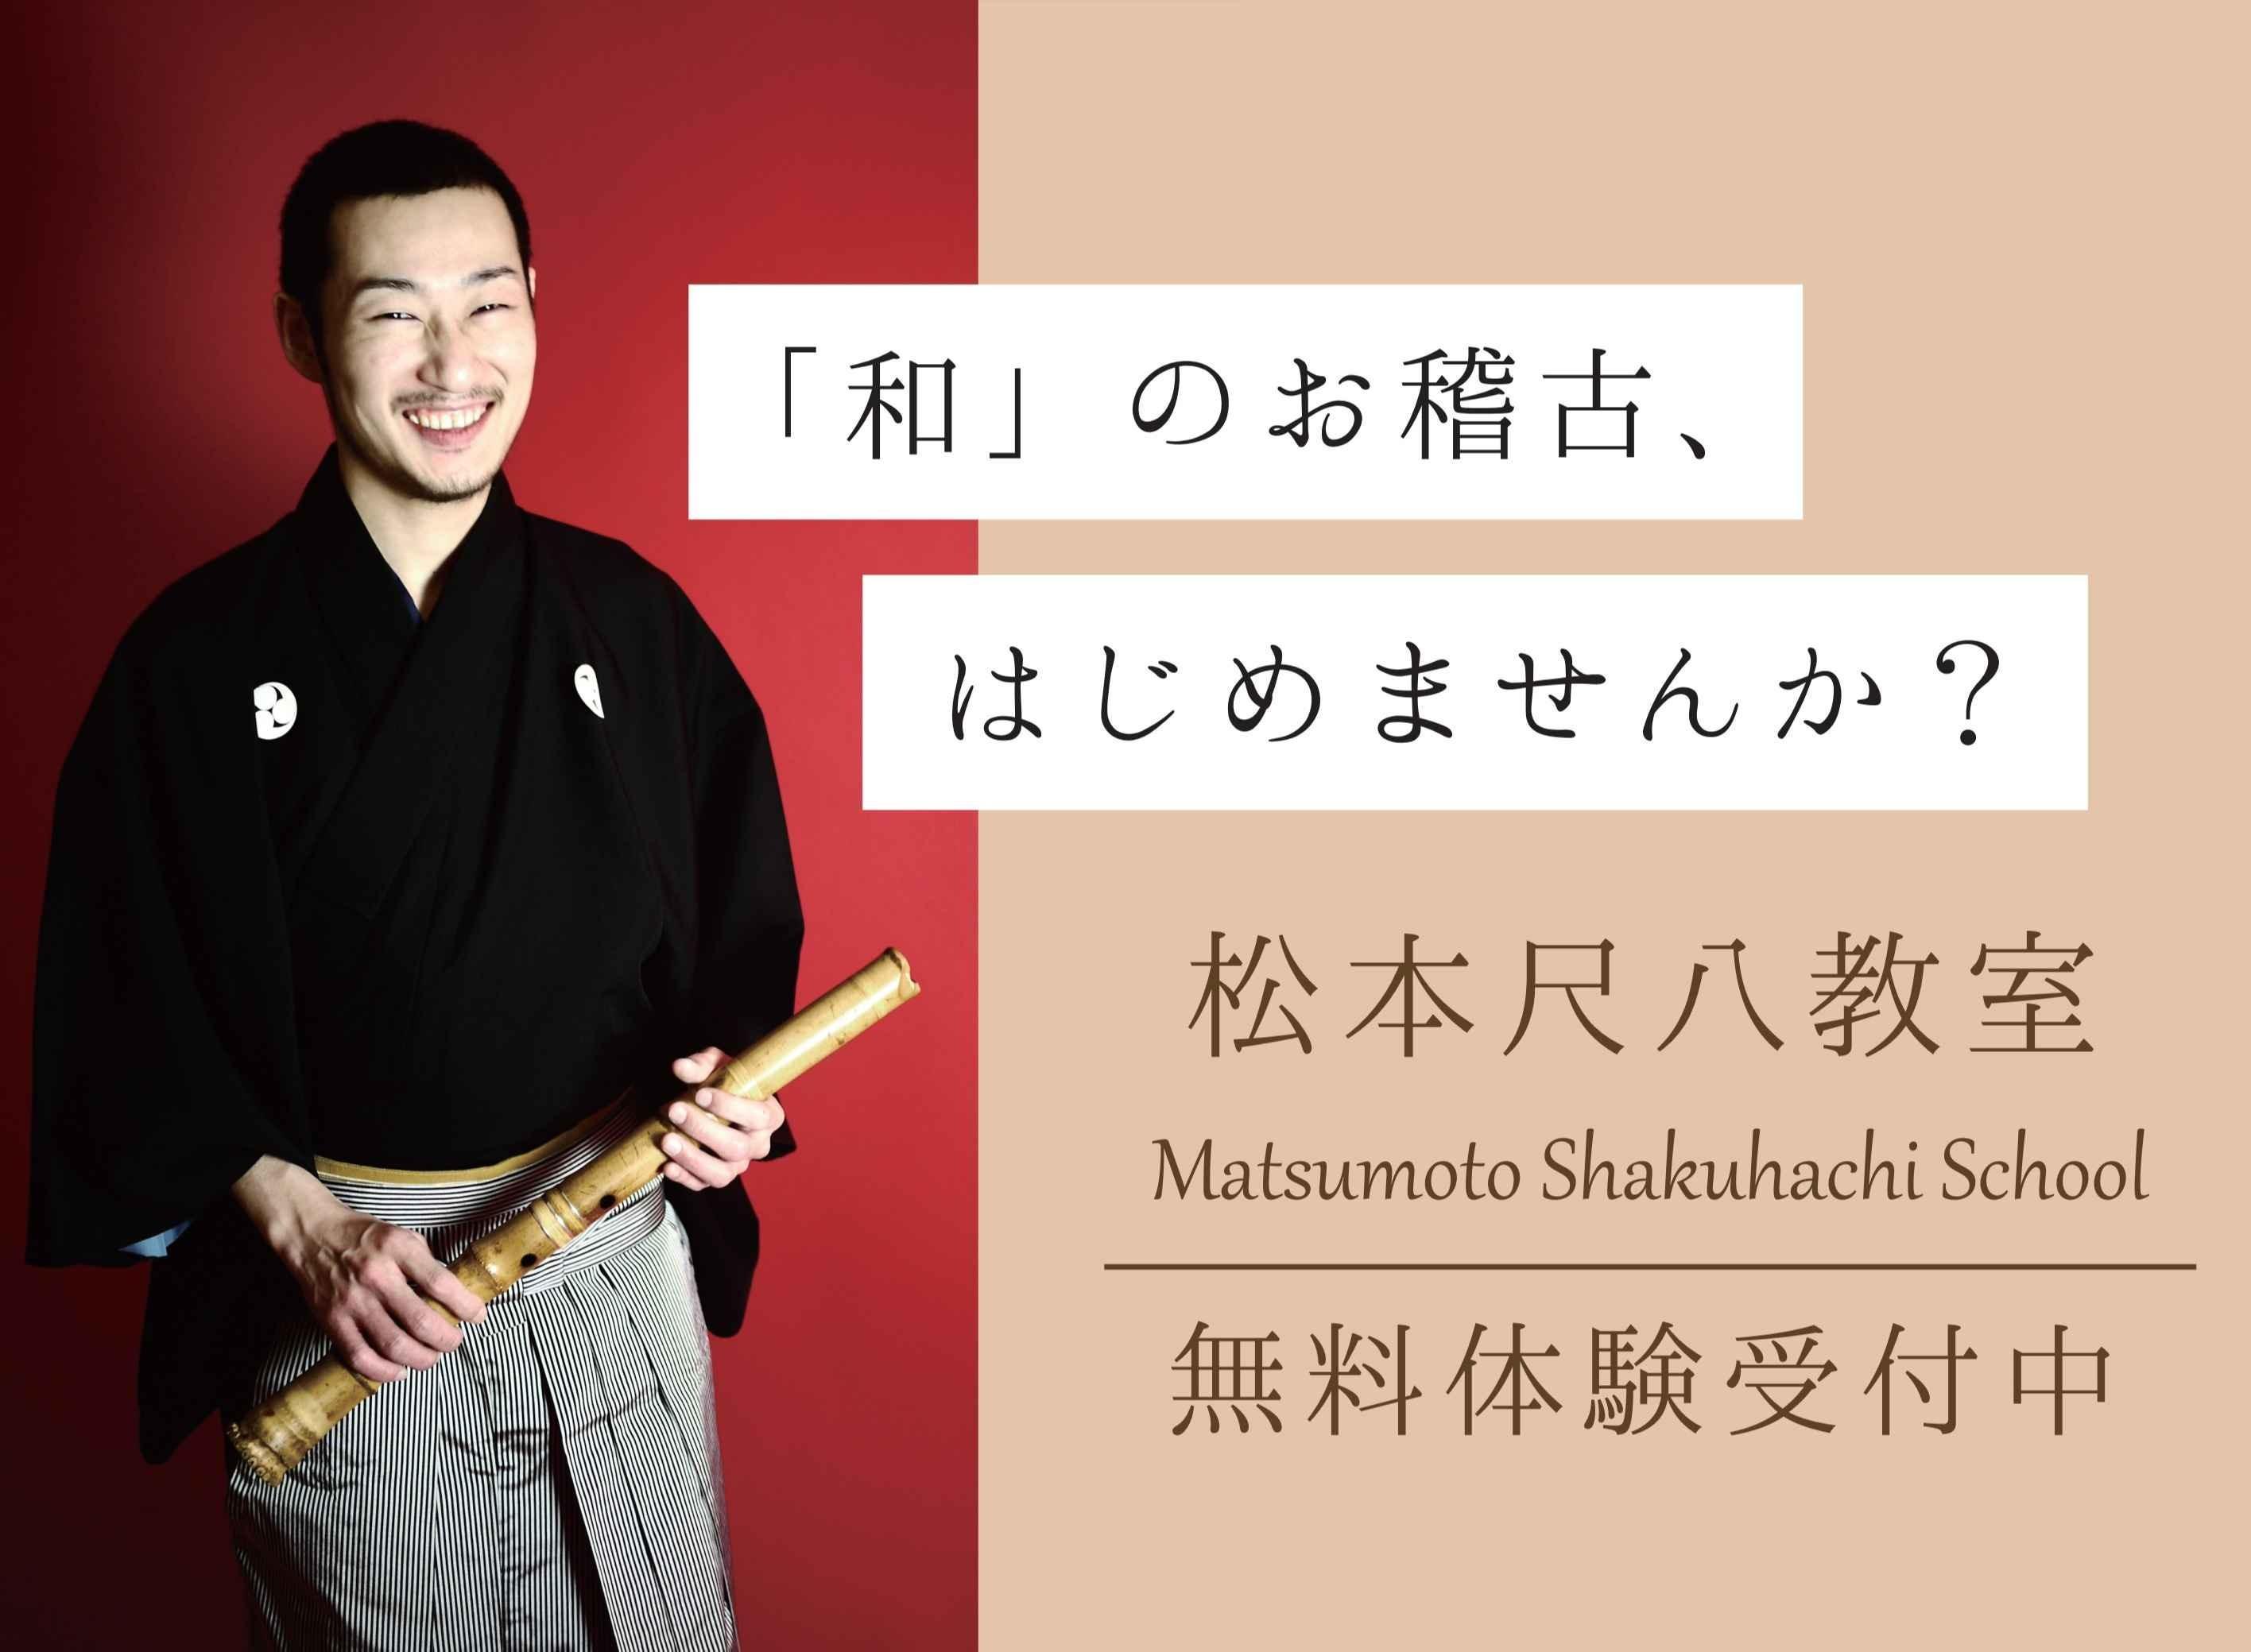 松本宏平尺八教室<練馬教室>